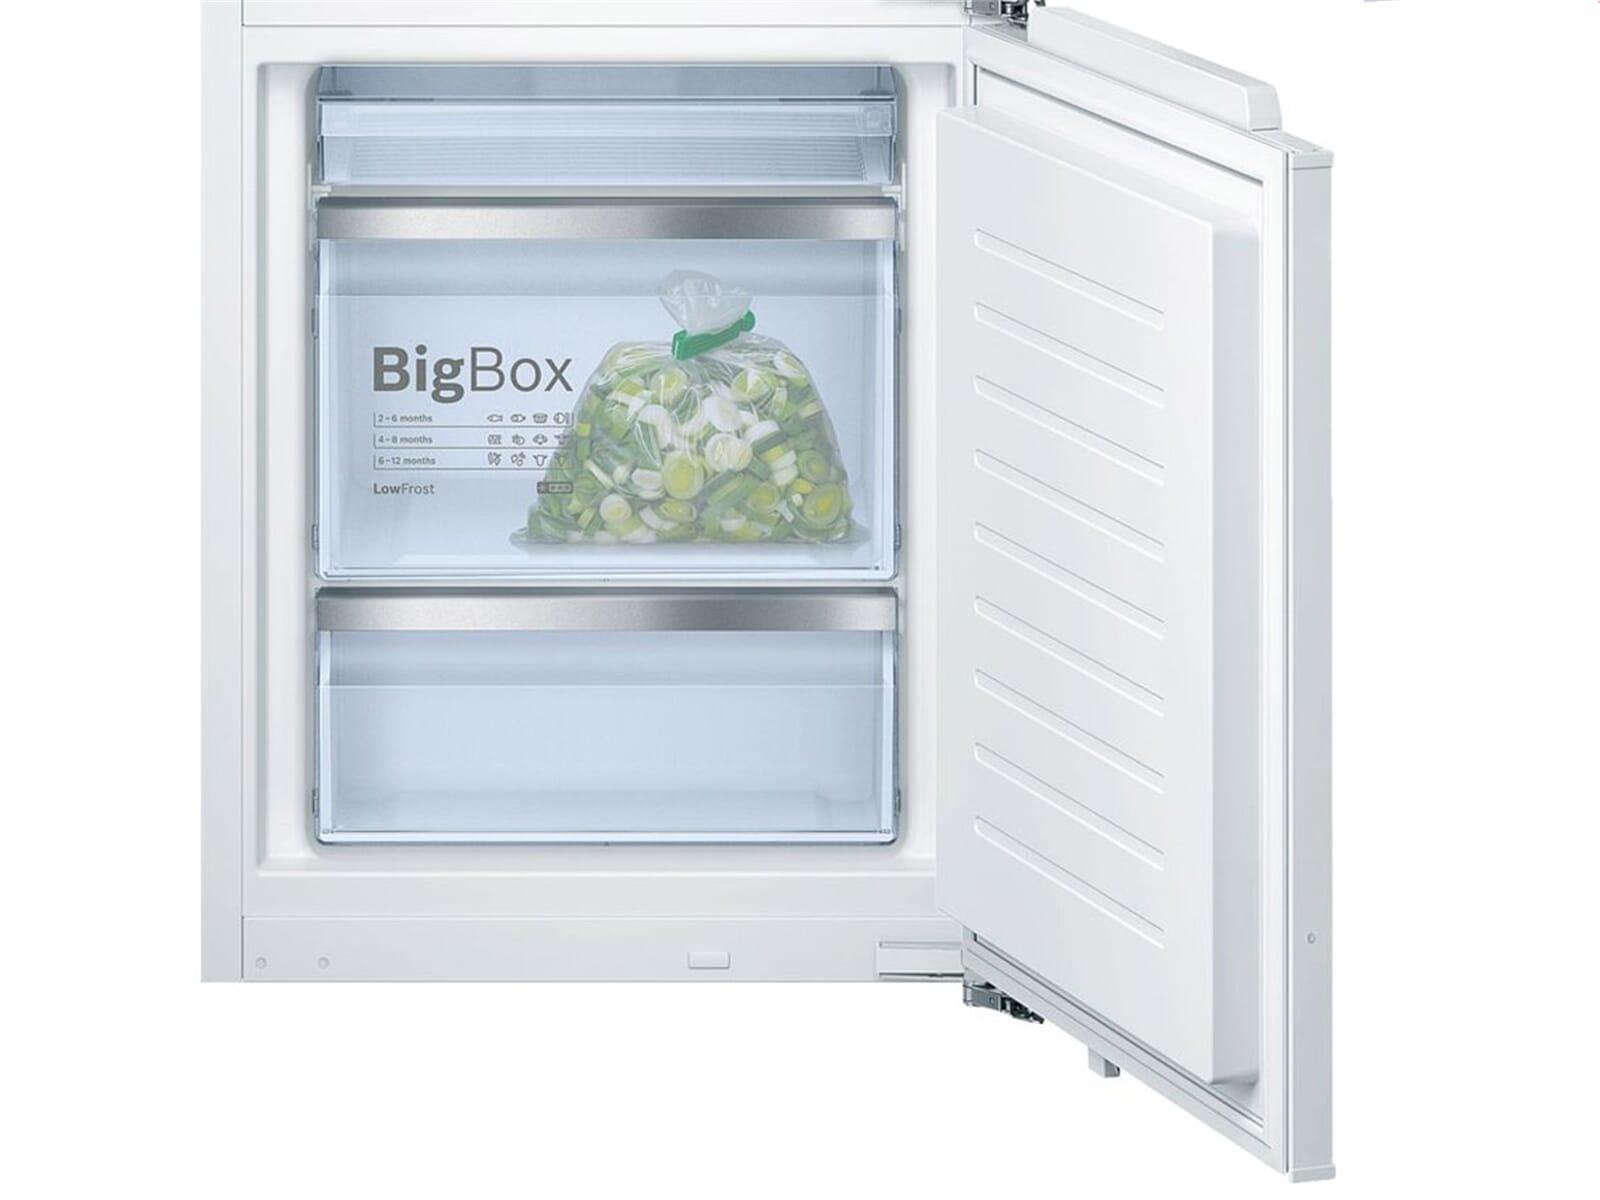 Bosch Kühlschrank Cooler Bedienungsanleitung : Bosch kis af einbau kühl gefrierkombination